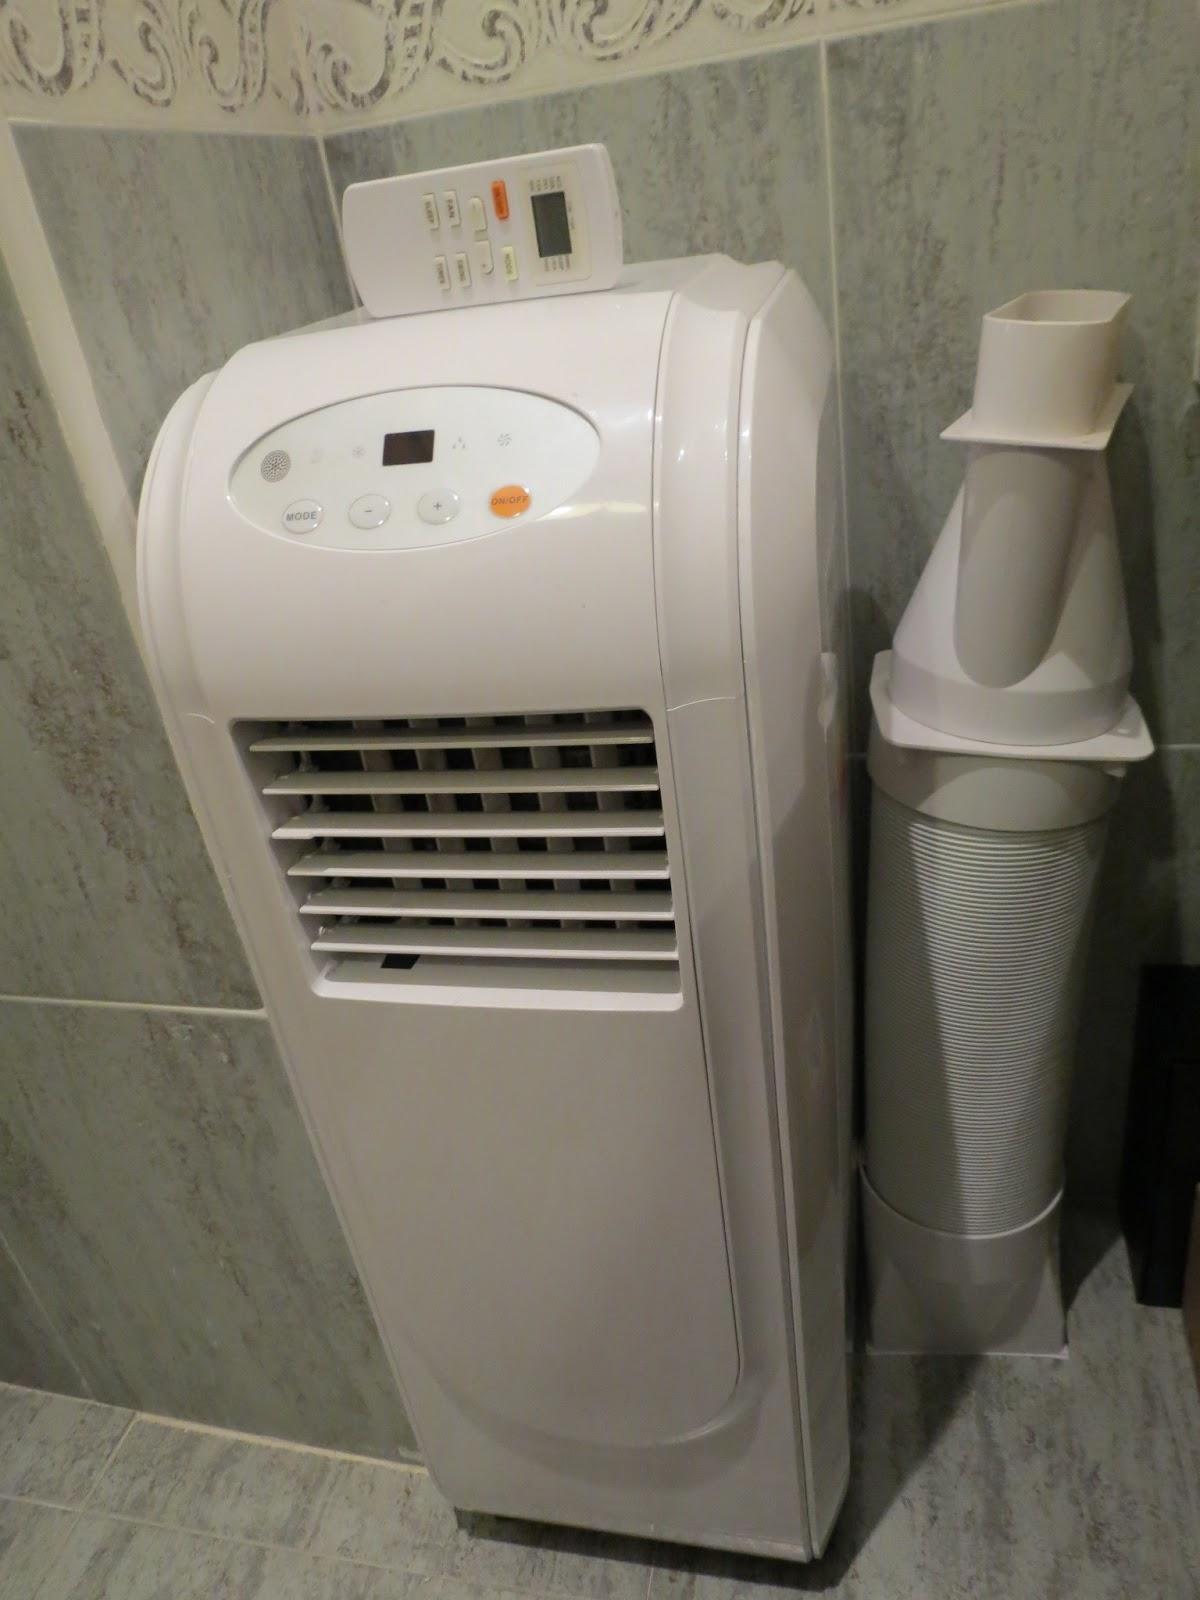 Vendemos nuestras cosas aire acondicionado port til for Cargar aire acondicionado casa